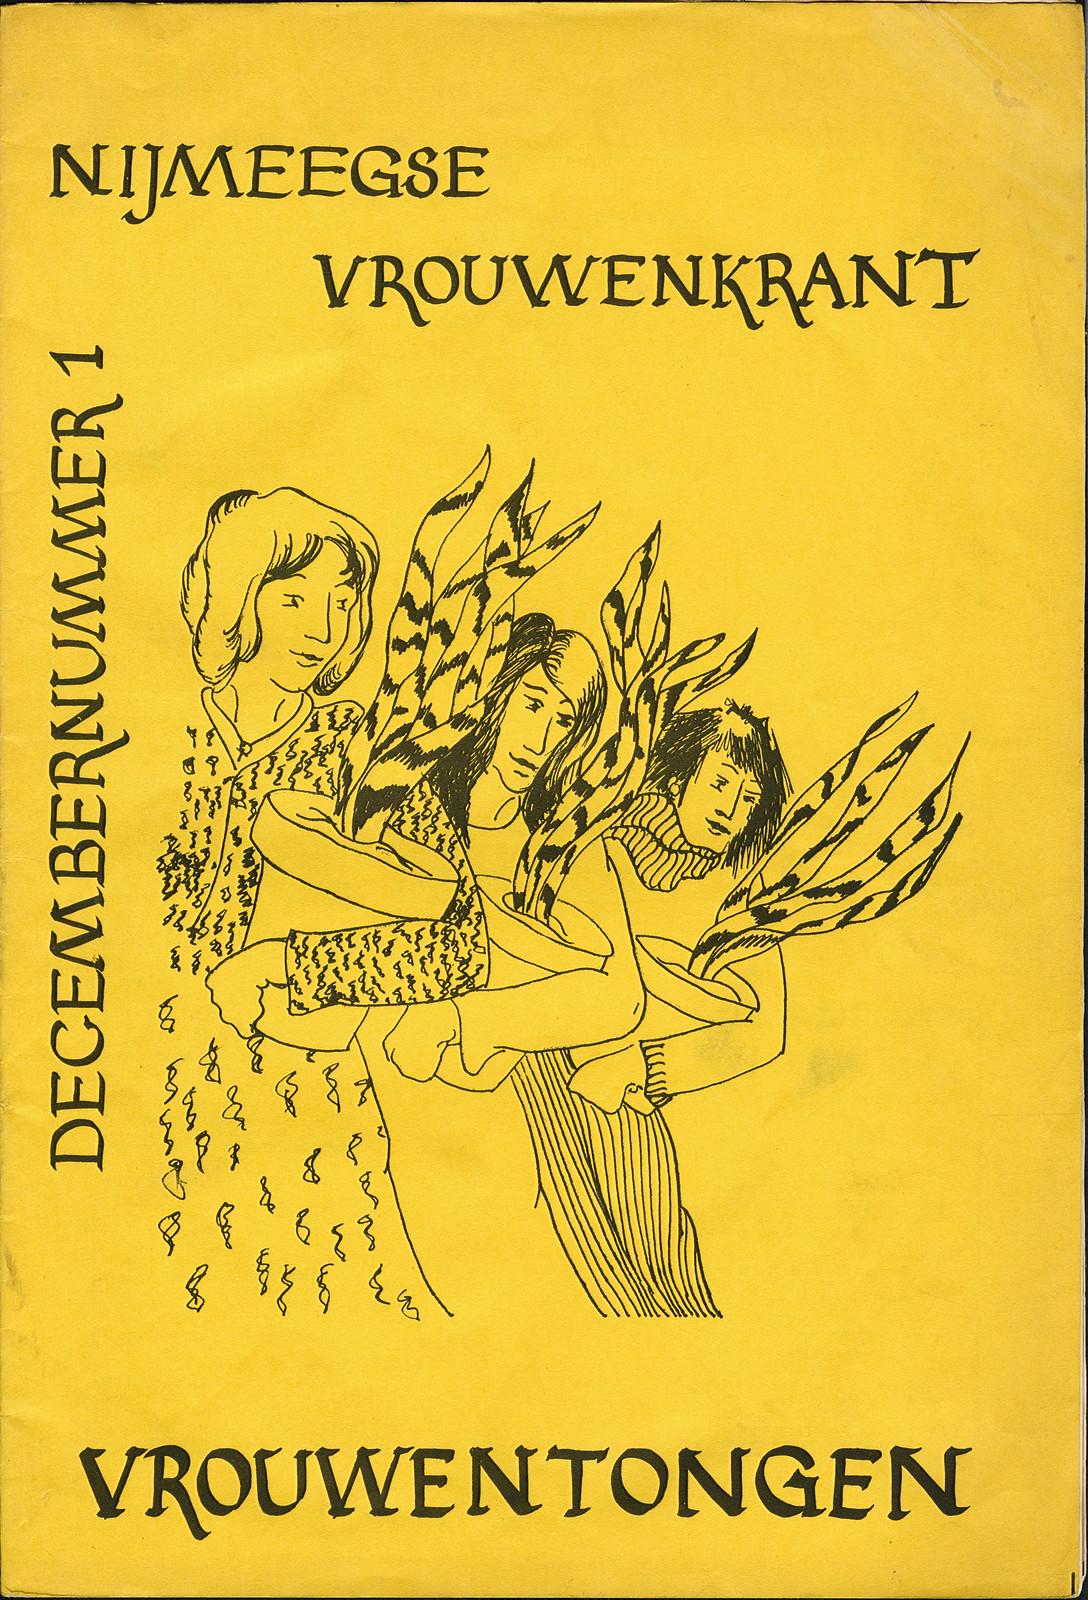 1977 Vrouwentongen Nijmeegse vrouwenkrant